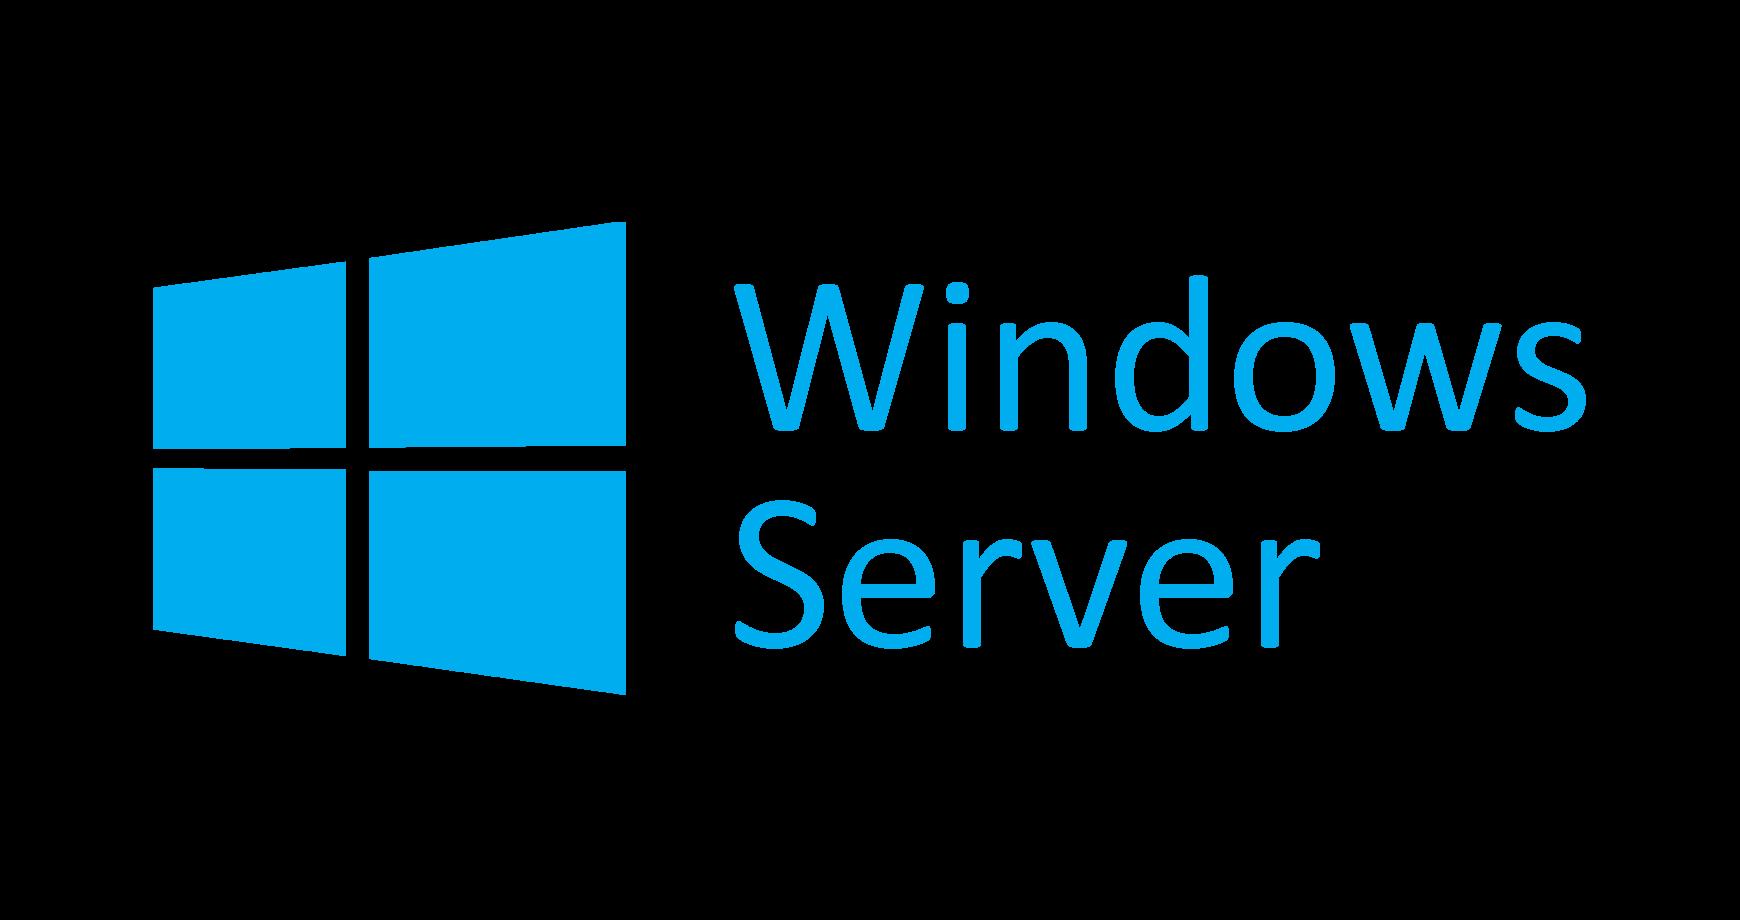 Что такое Windows Server и чем она отличается от стандартных версий ОС